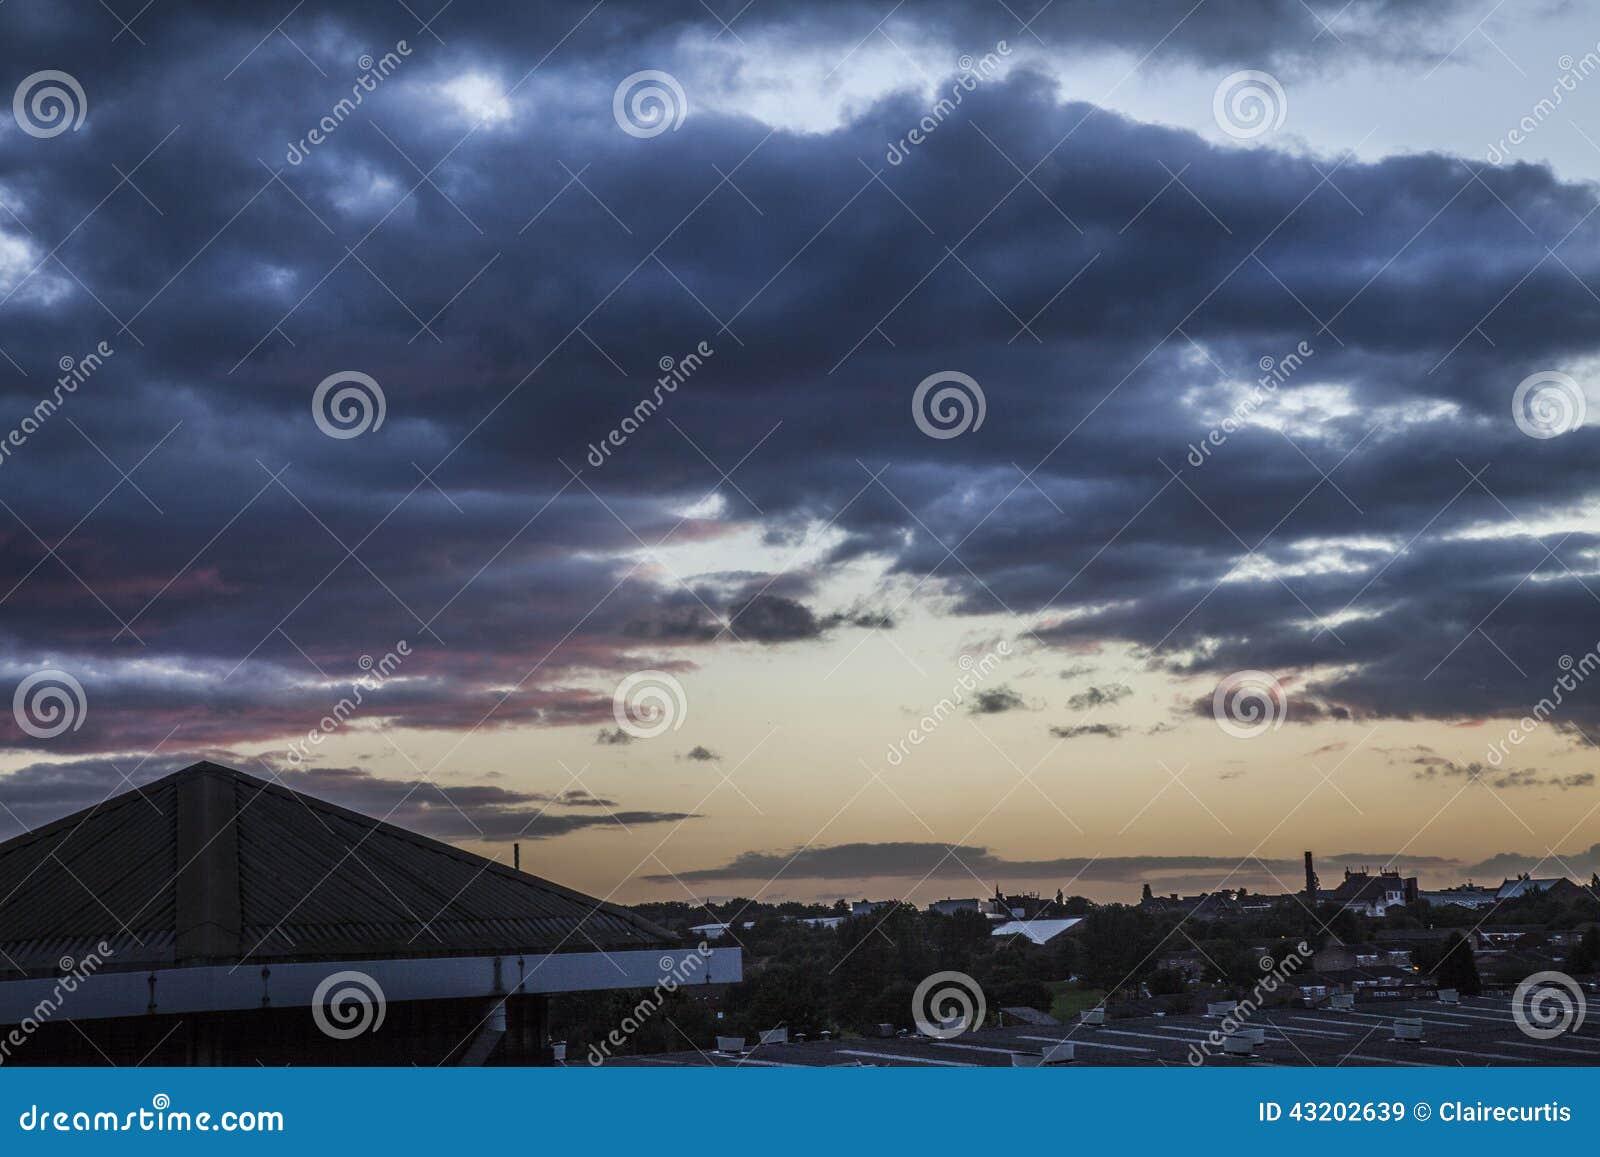 Download Tunga Stormmoln På Solnedgången över Stad Fotografering för Bildbyråer - Bild av lantligt, regn: 43202639